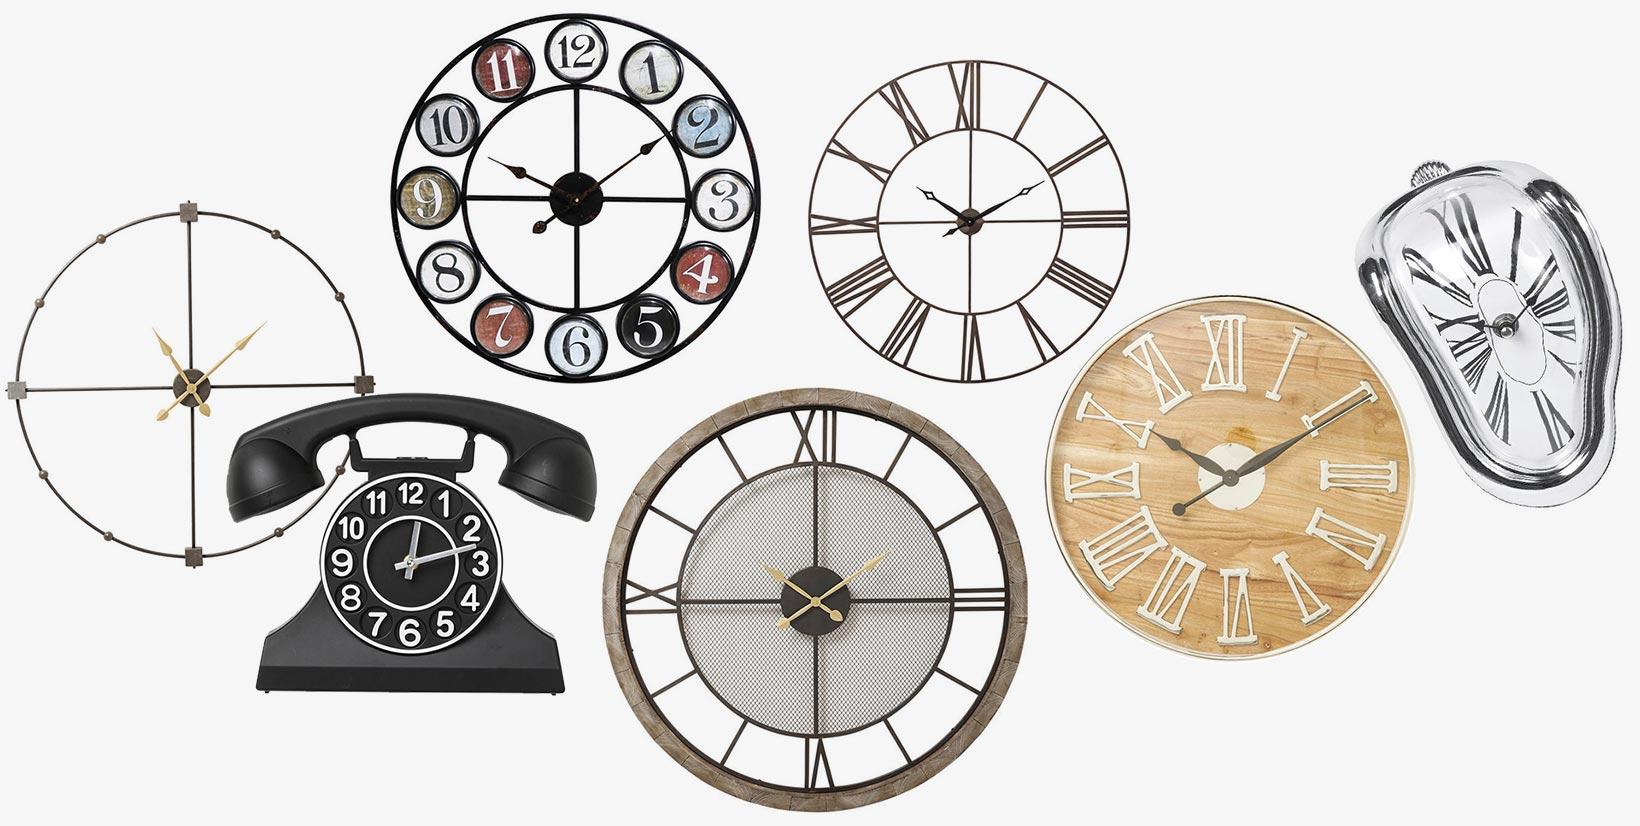 orologi da parete per la casa idee regalo Lops